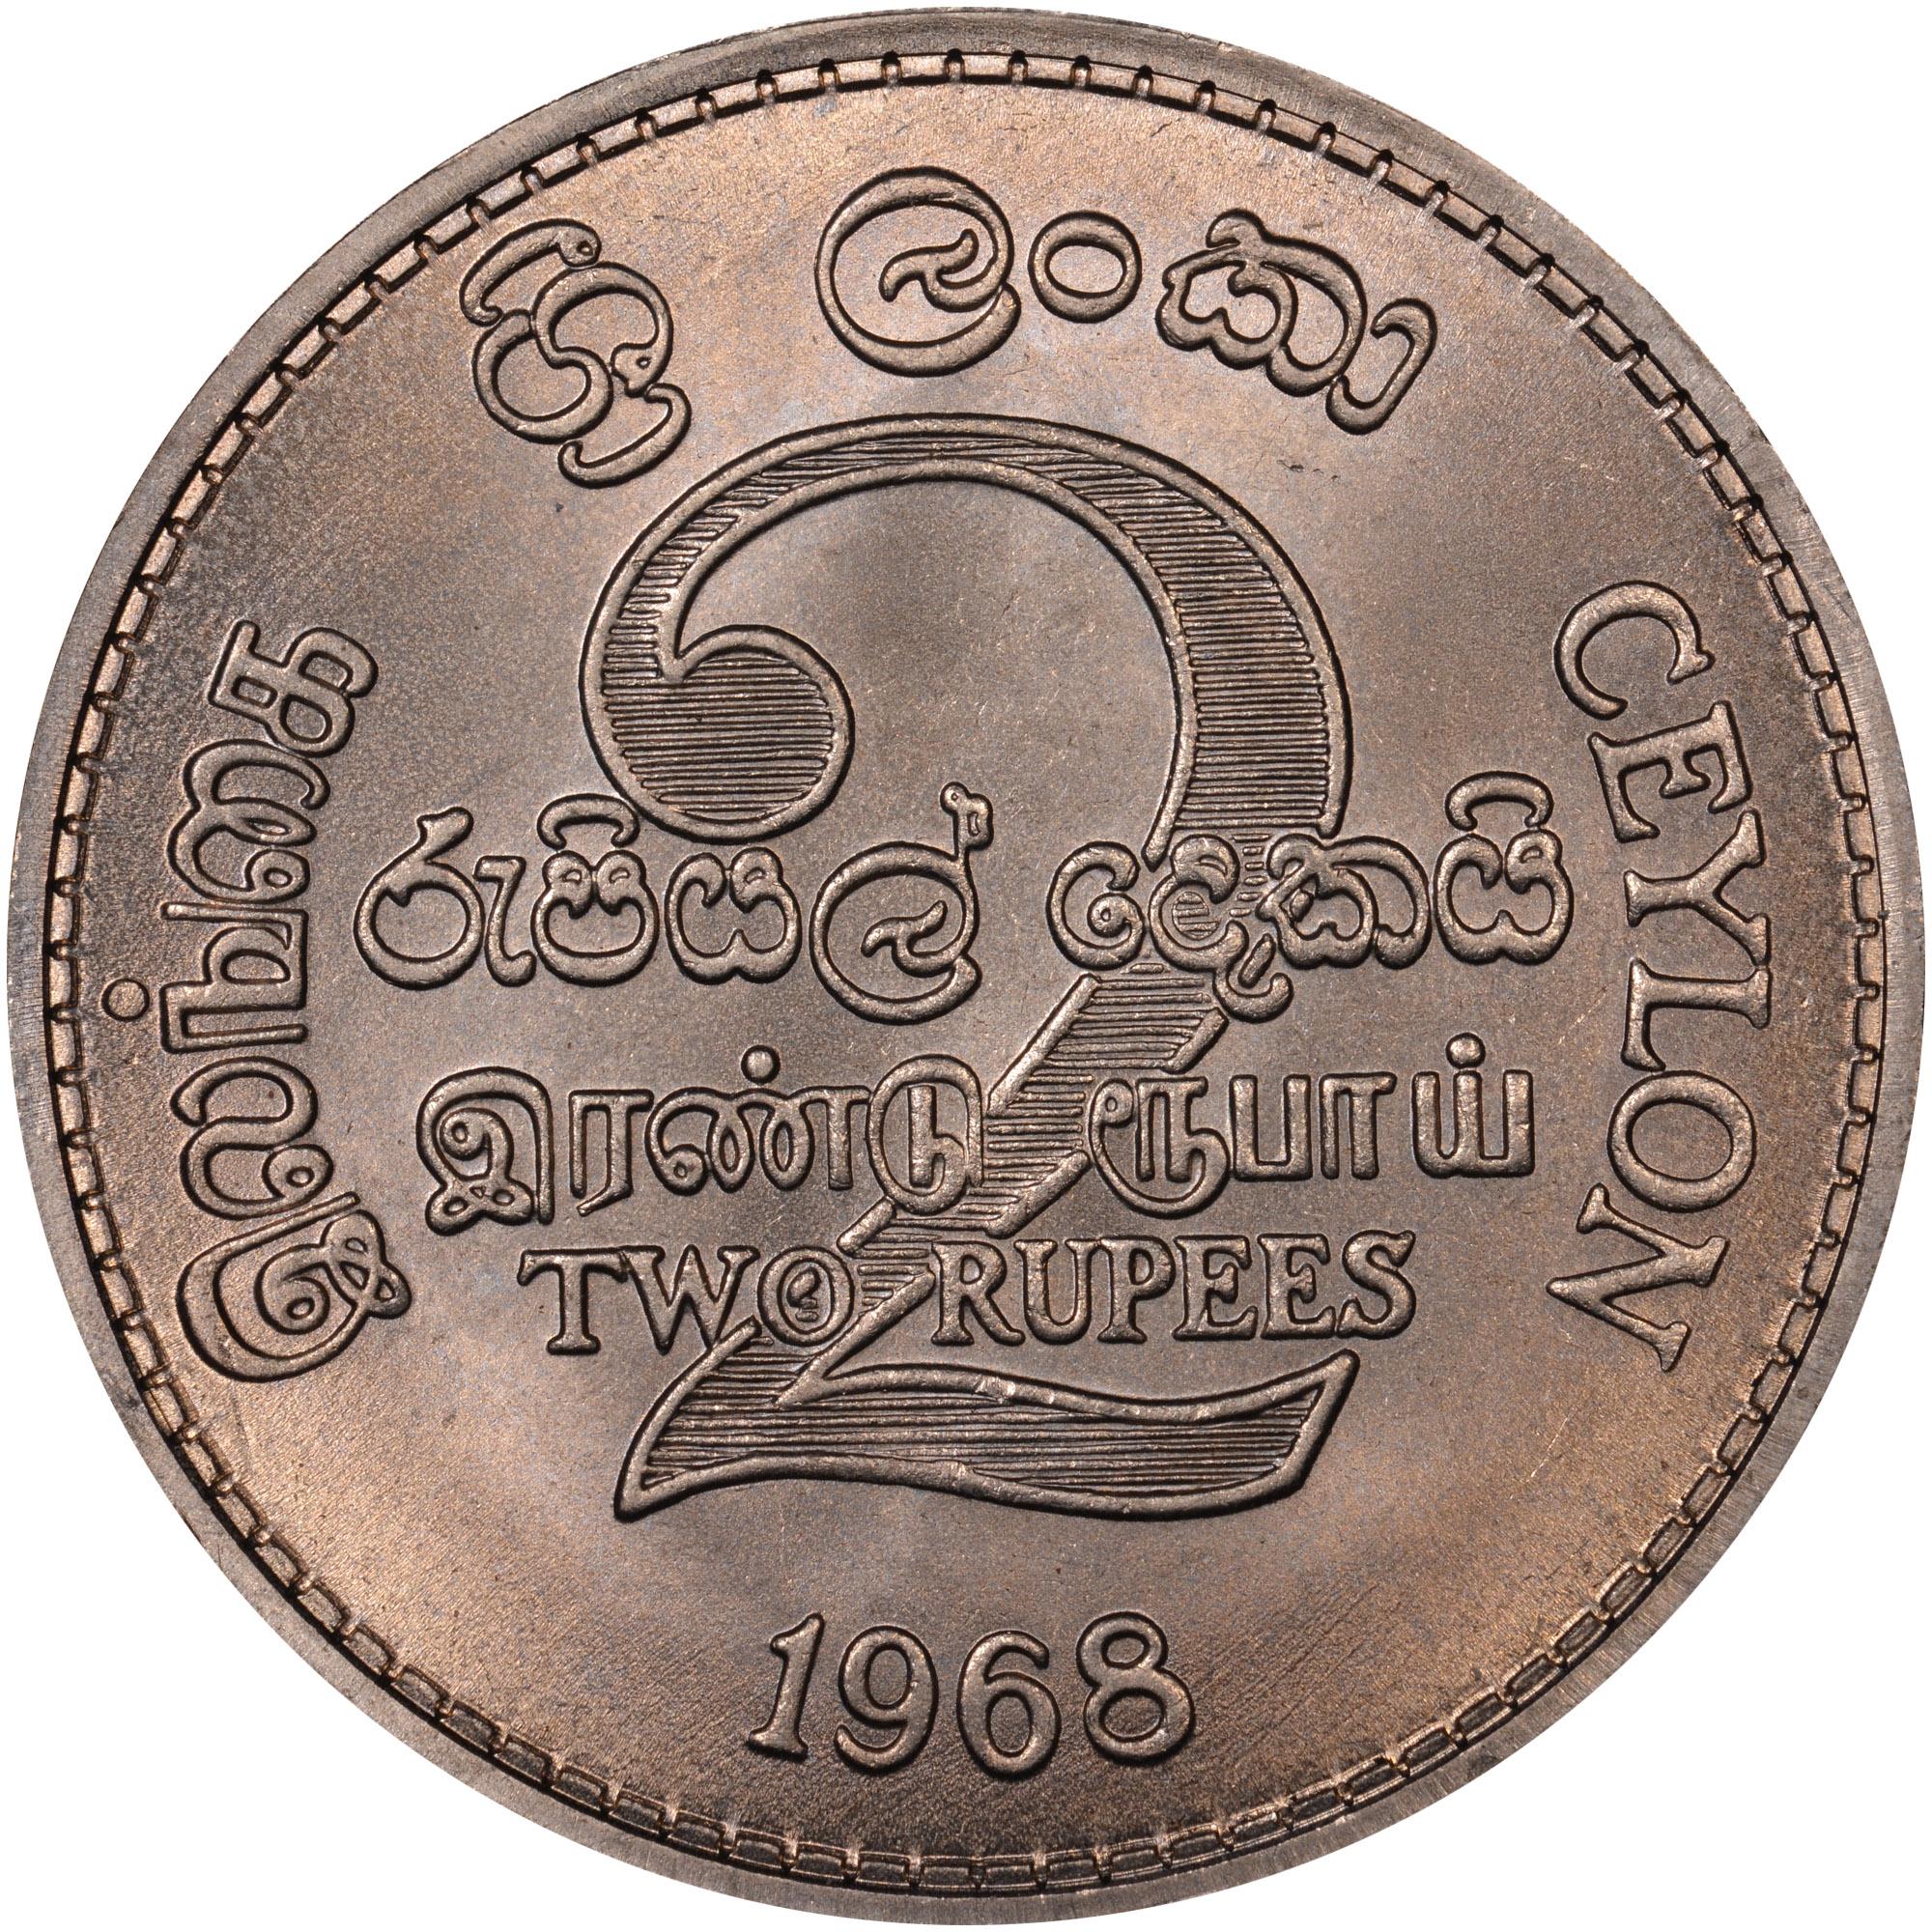 Ceylon 2 Rupees obverse